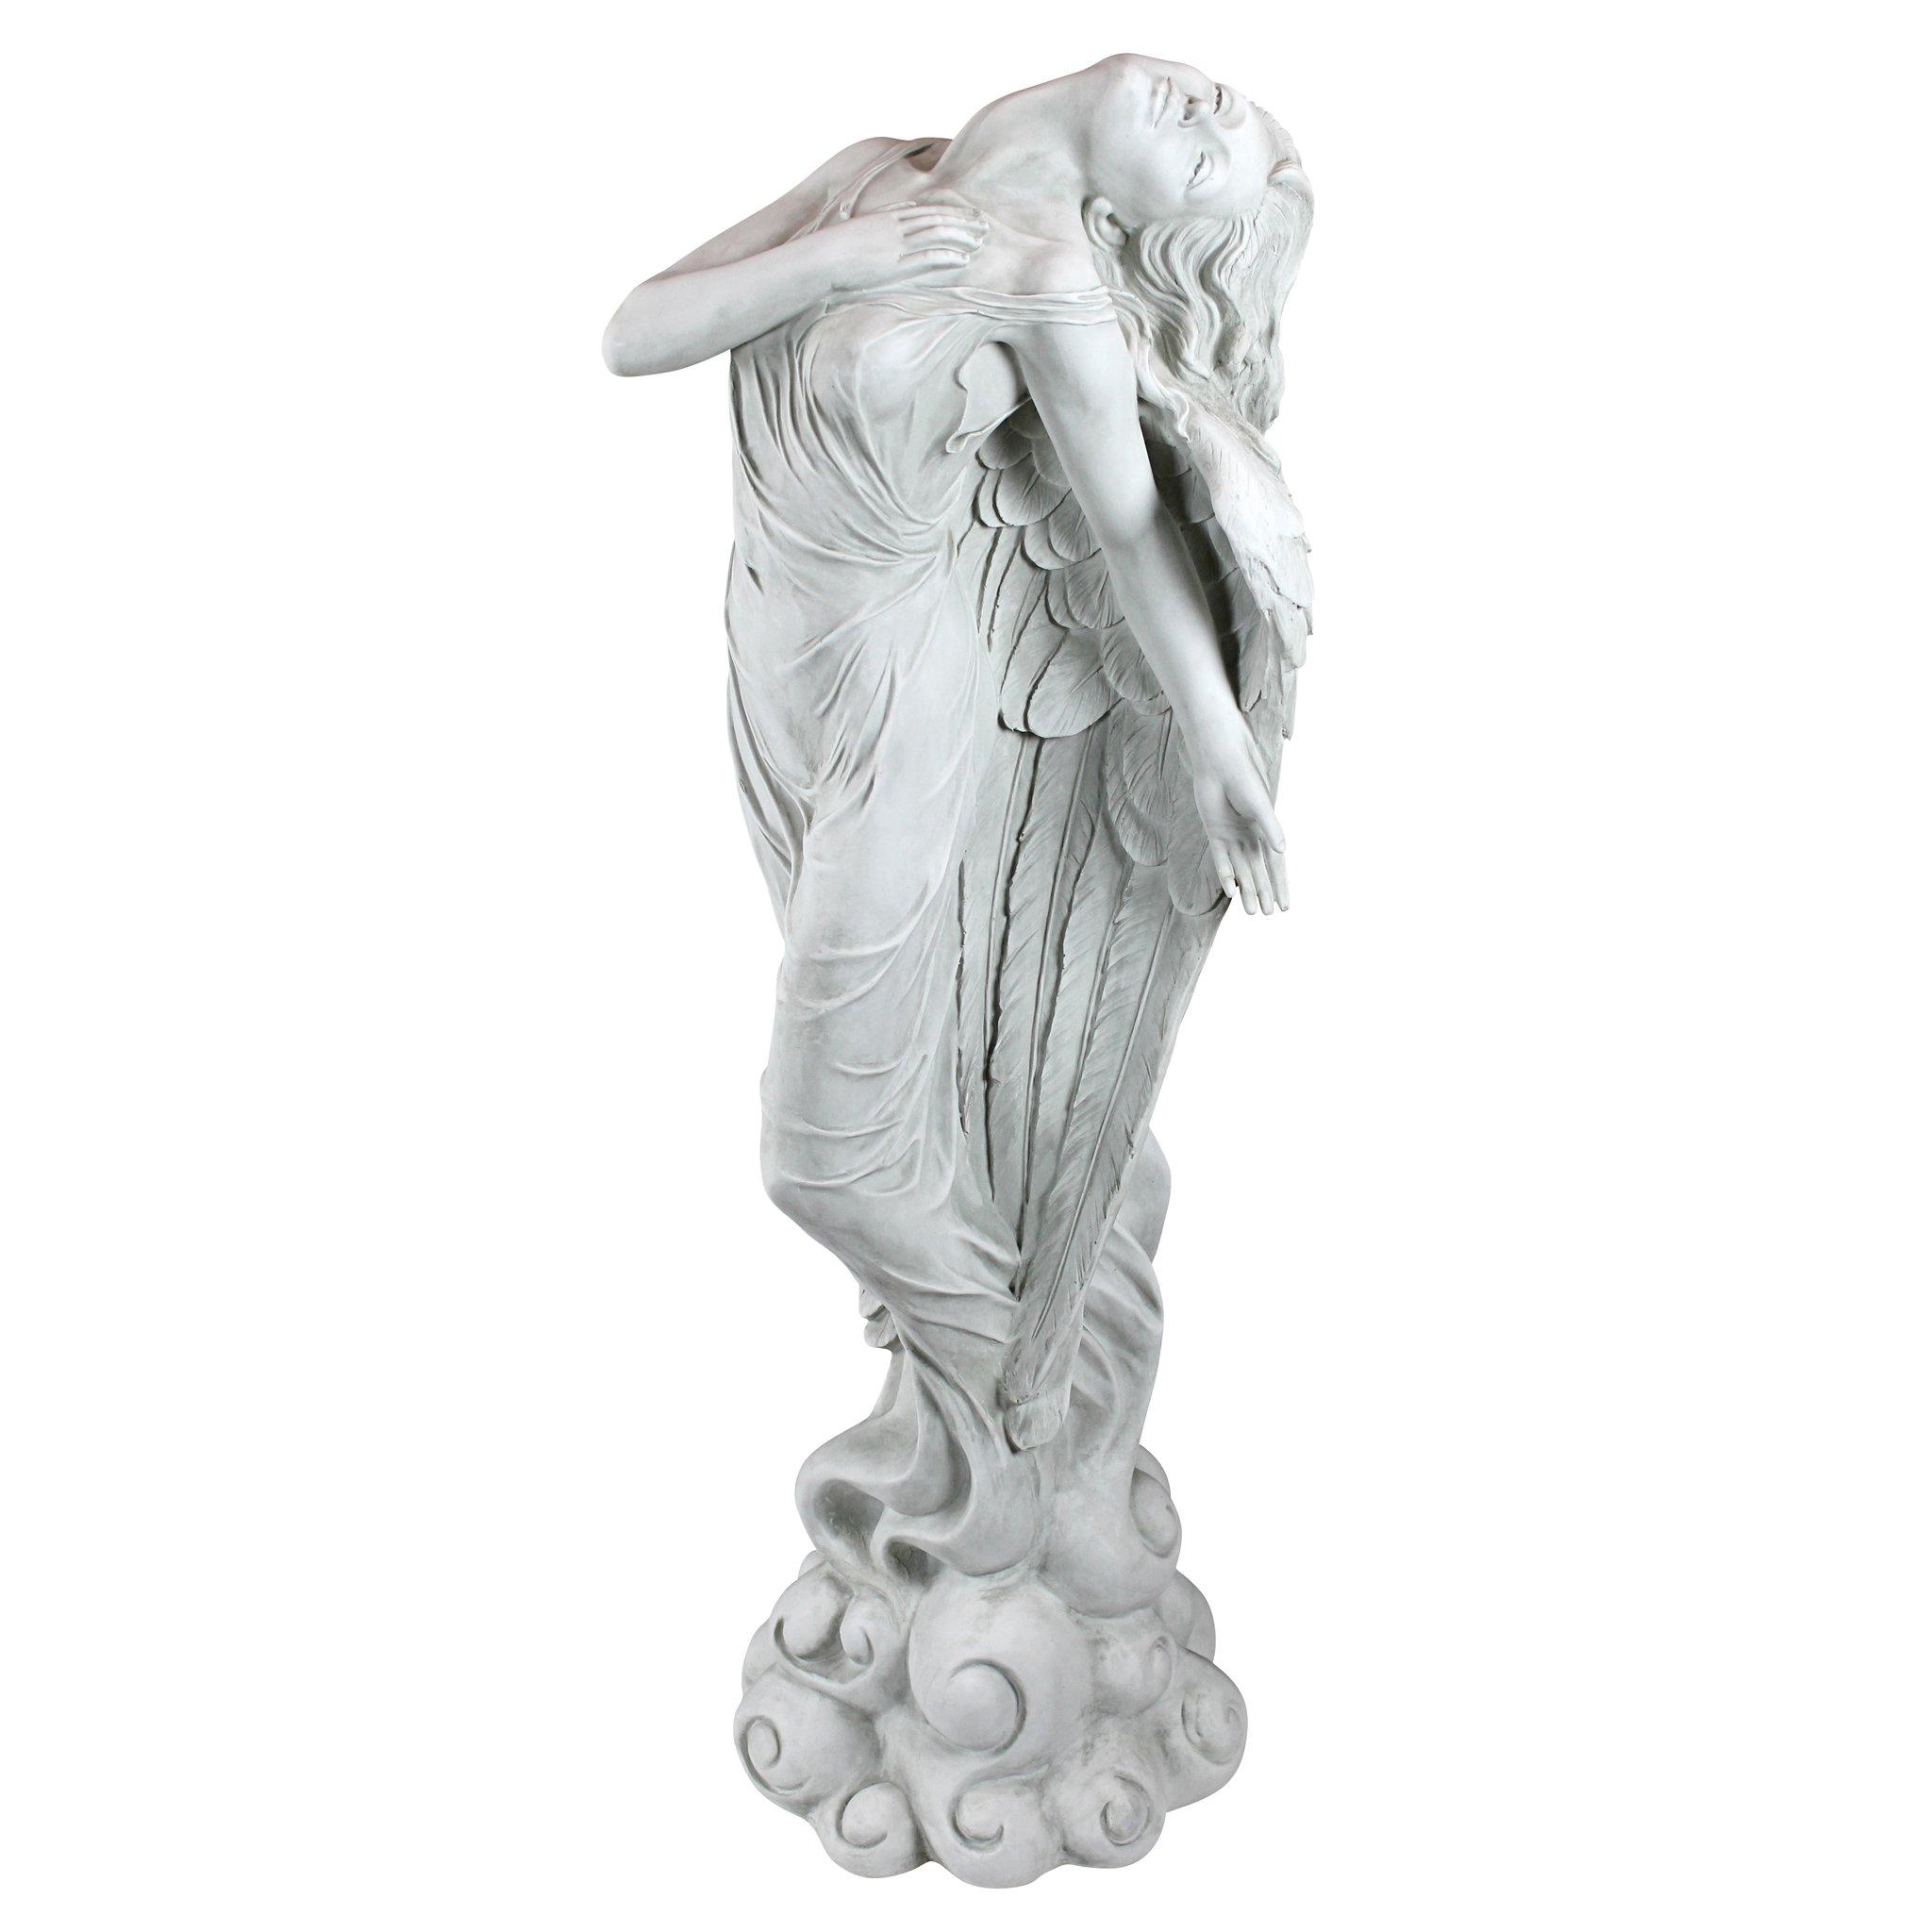 Design Toscano Ascending Angel Sculpture - Estate by Design Toscano